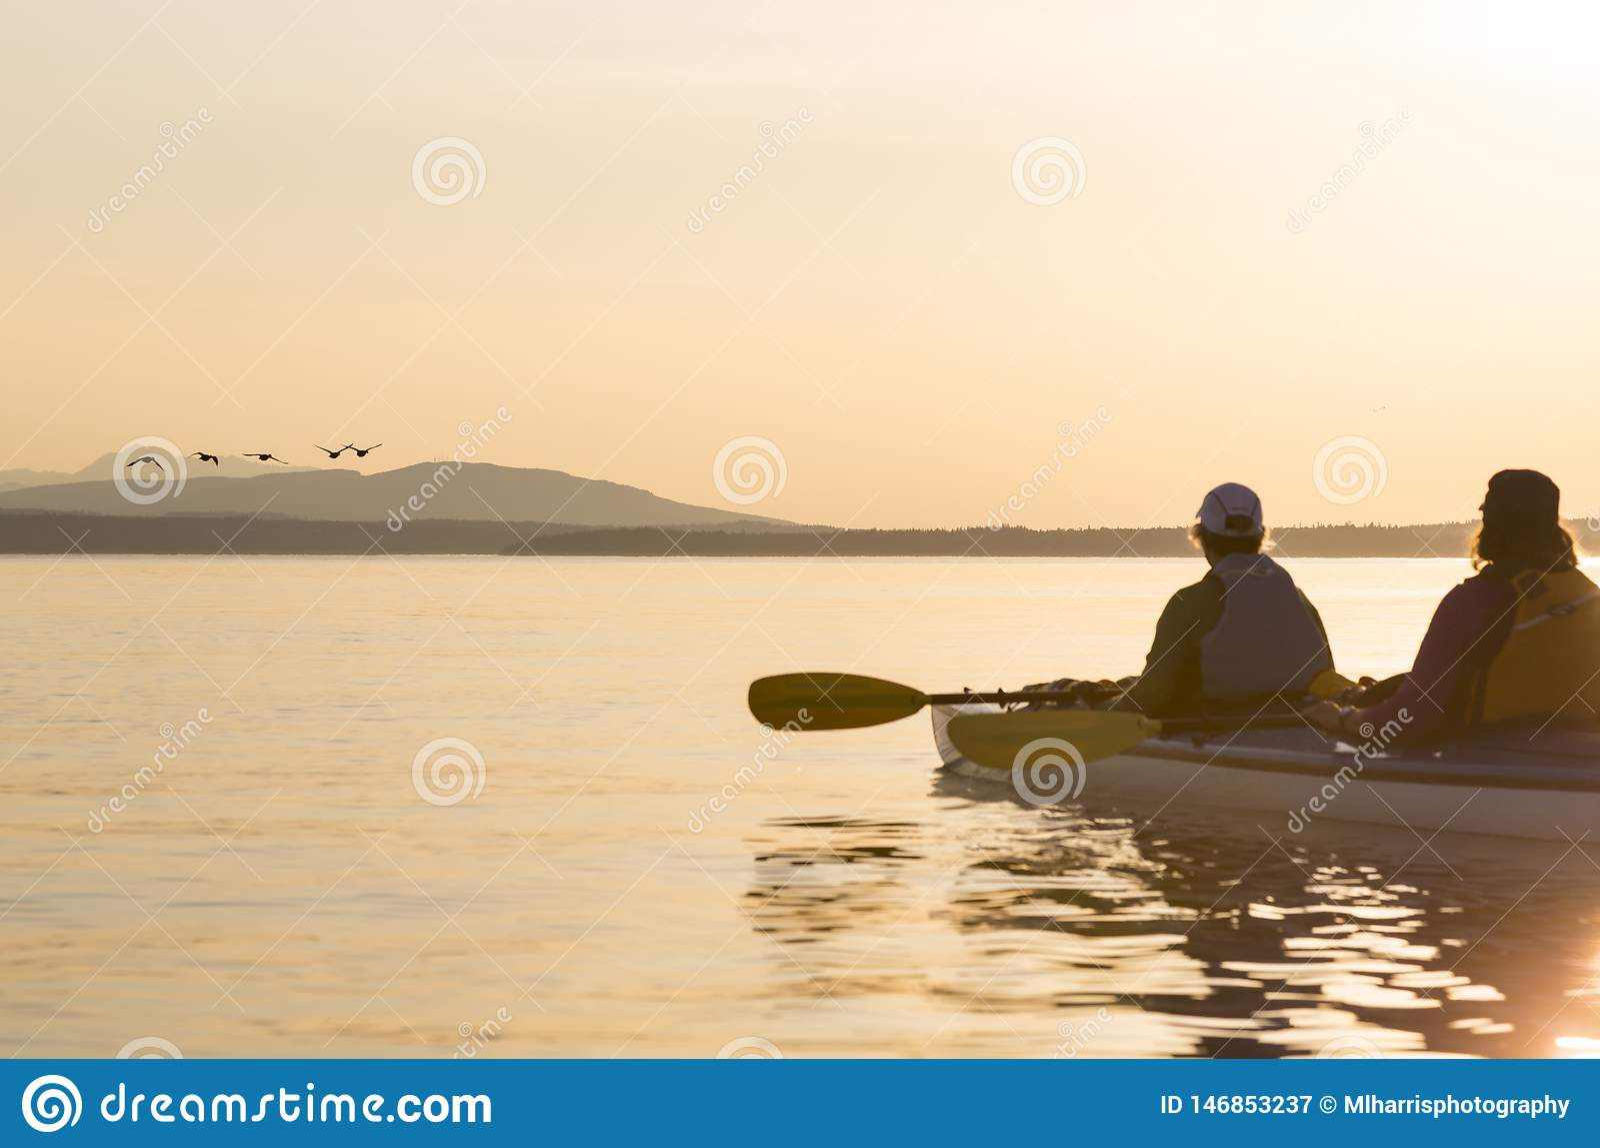 Δύο γυναίκες σε μια προσοχή πουλιών καγιάκ θάλασσας Άνθρωποι που απολαμβάνουν τους υγιή τρόπους ζωής, τη φύση και την άγρια φύση